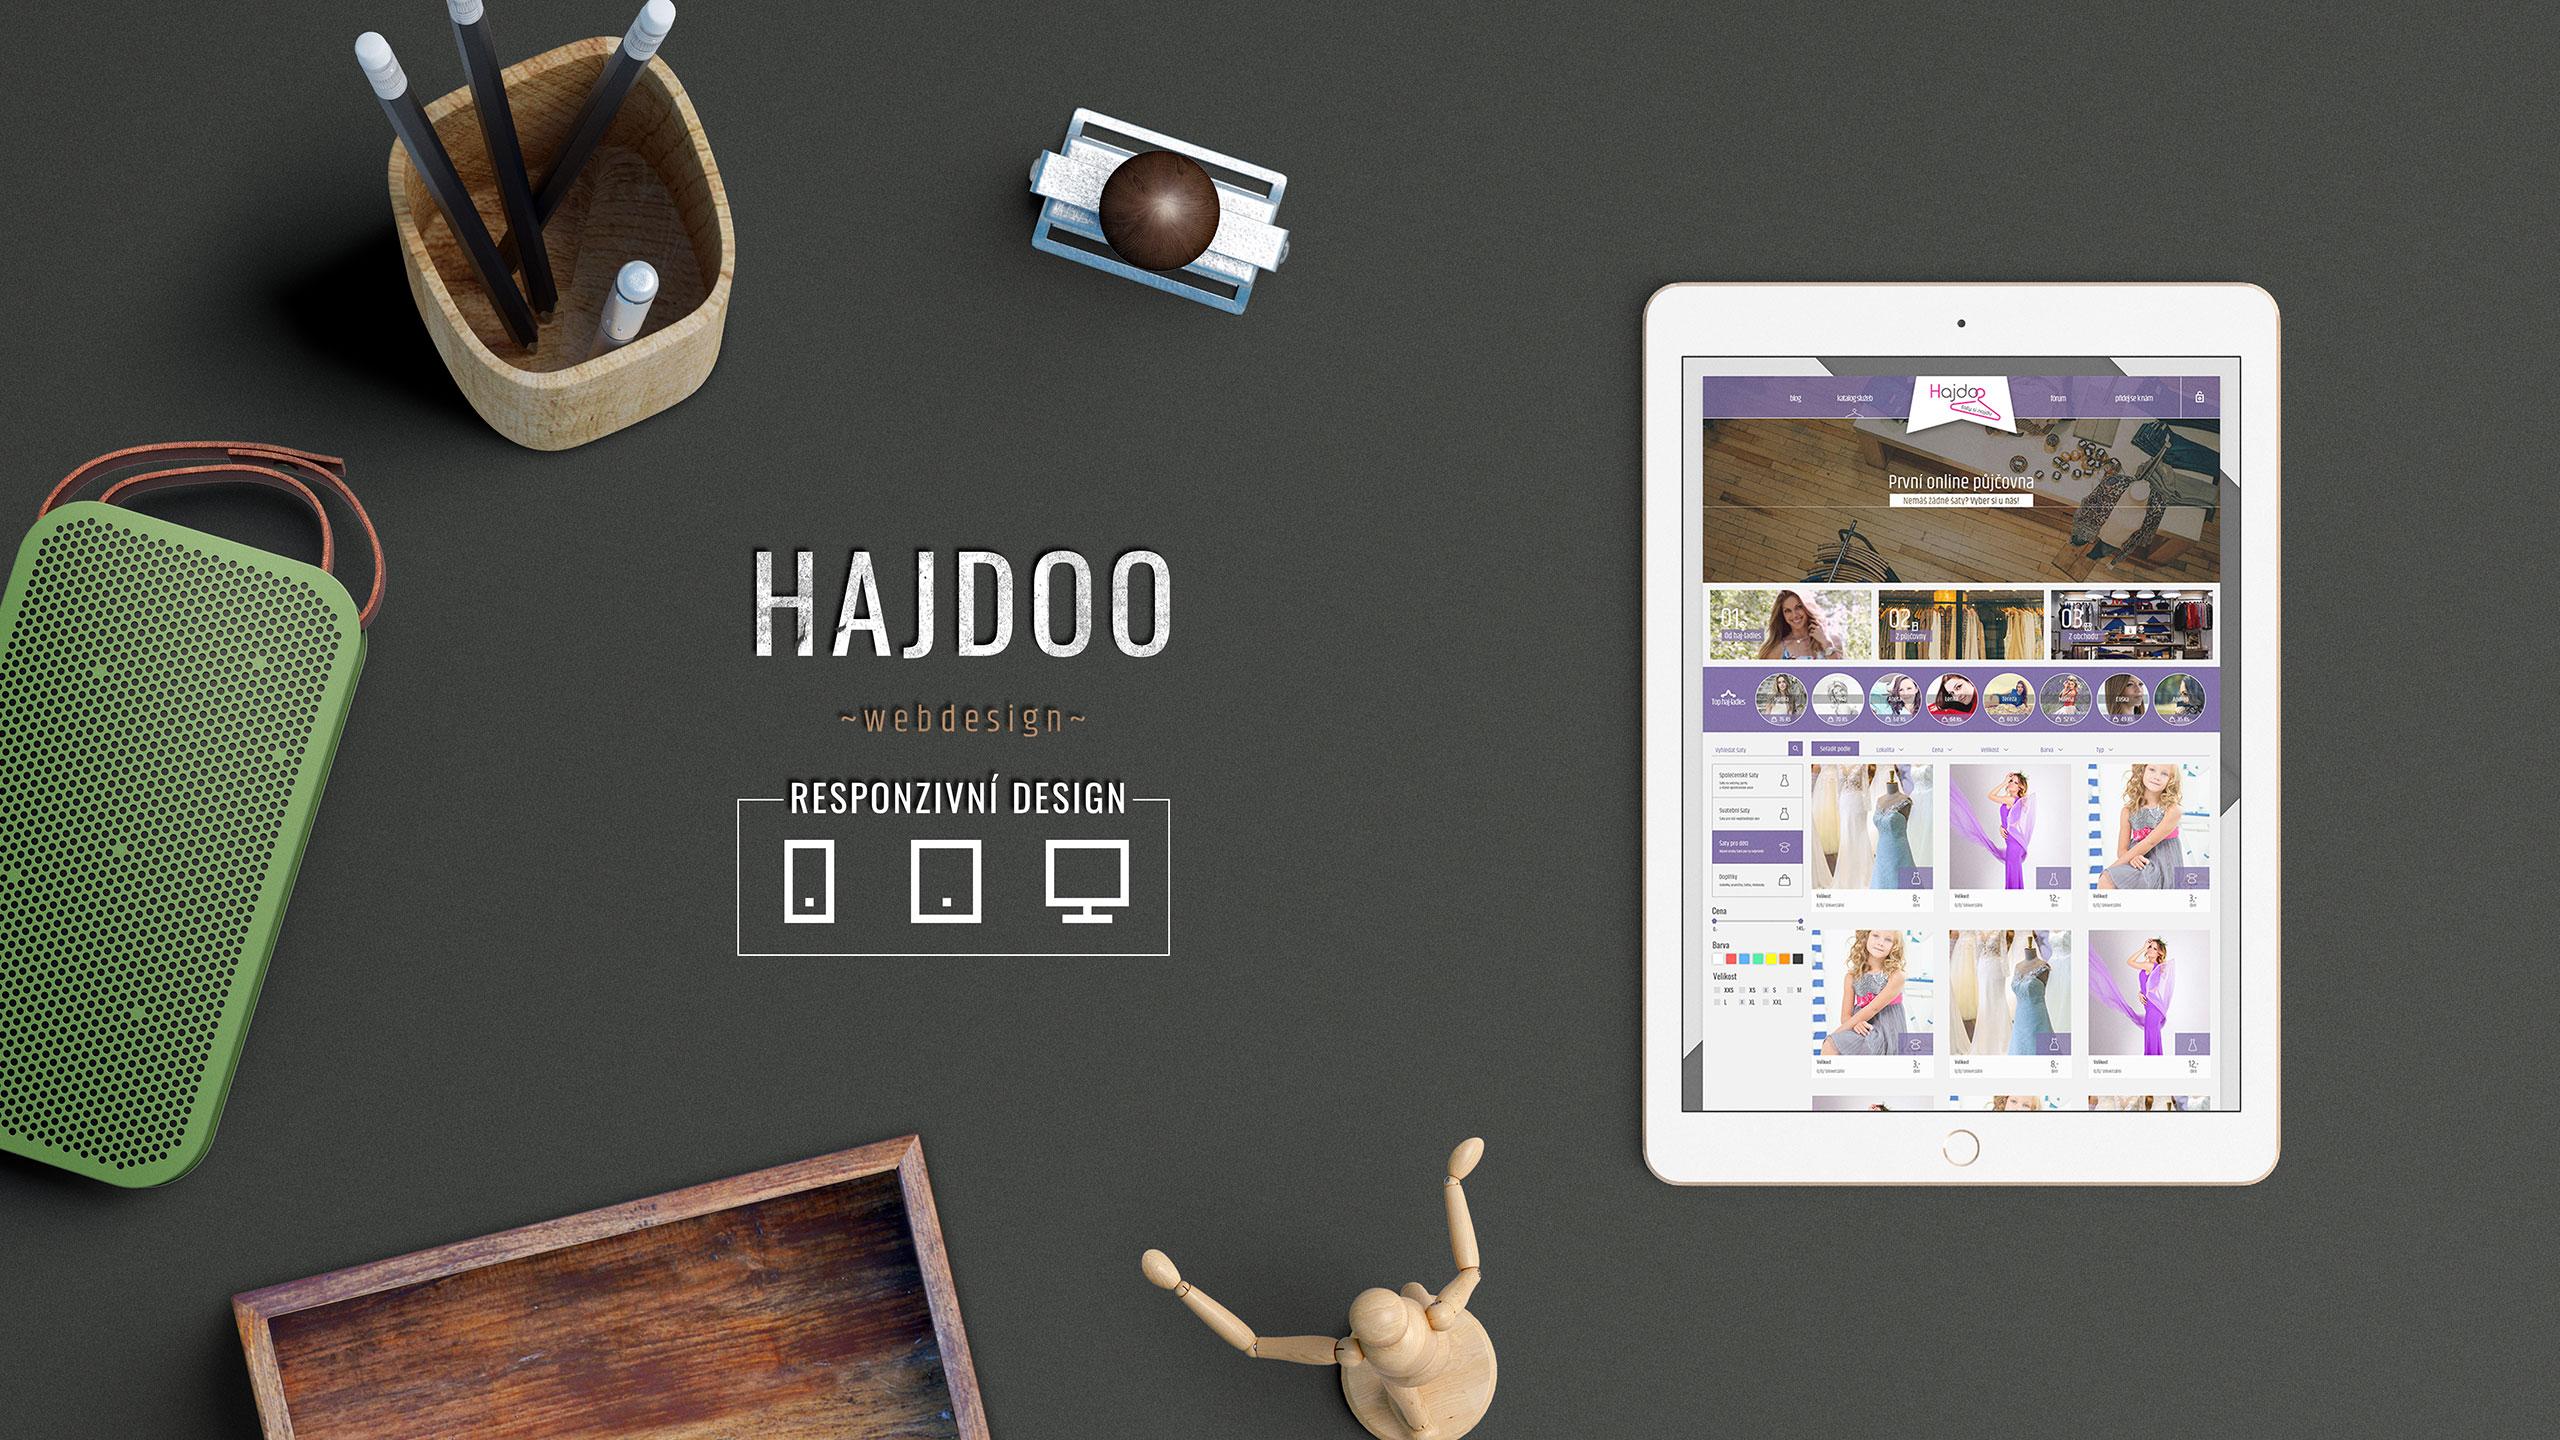 Hajdoo tvorba grafické šablony pro e-shop s online půjčovnou šatů